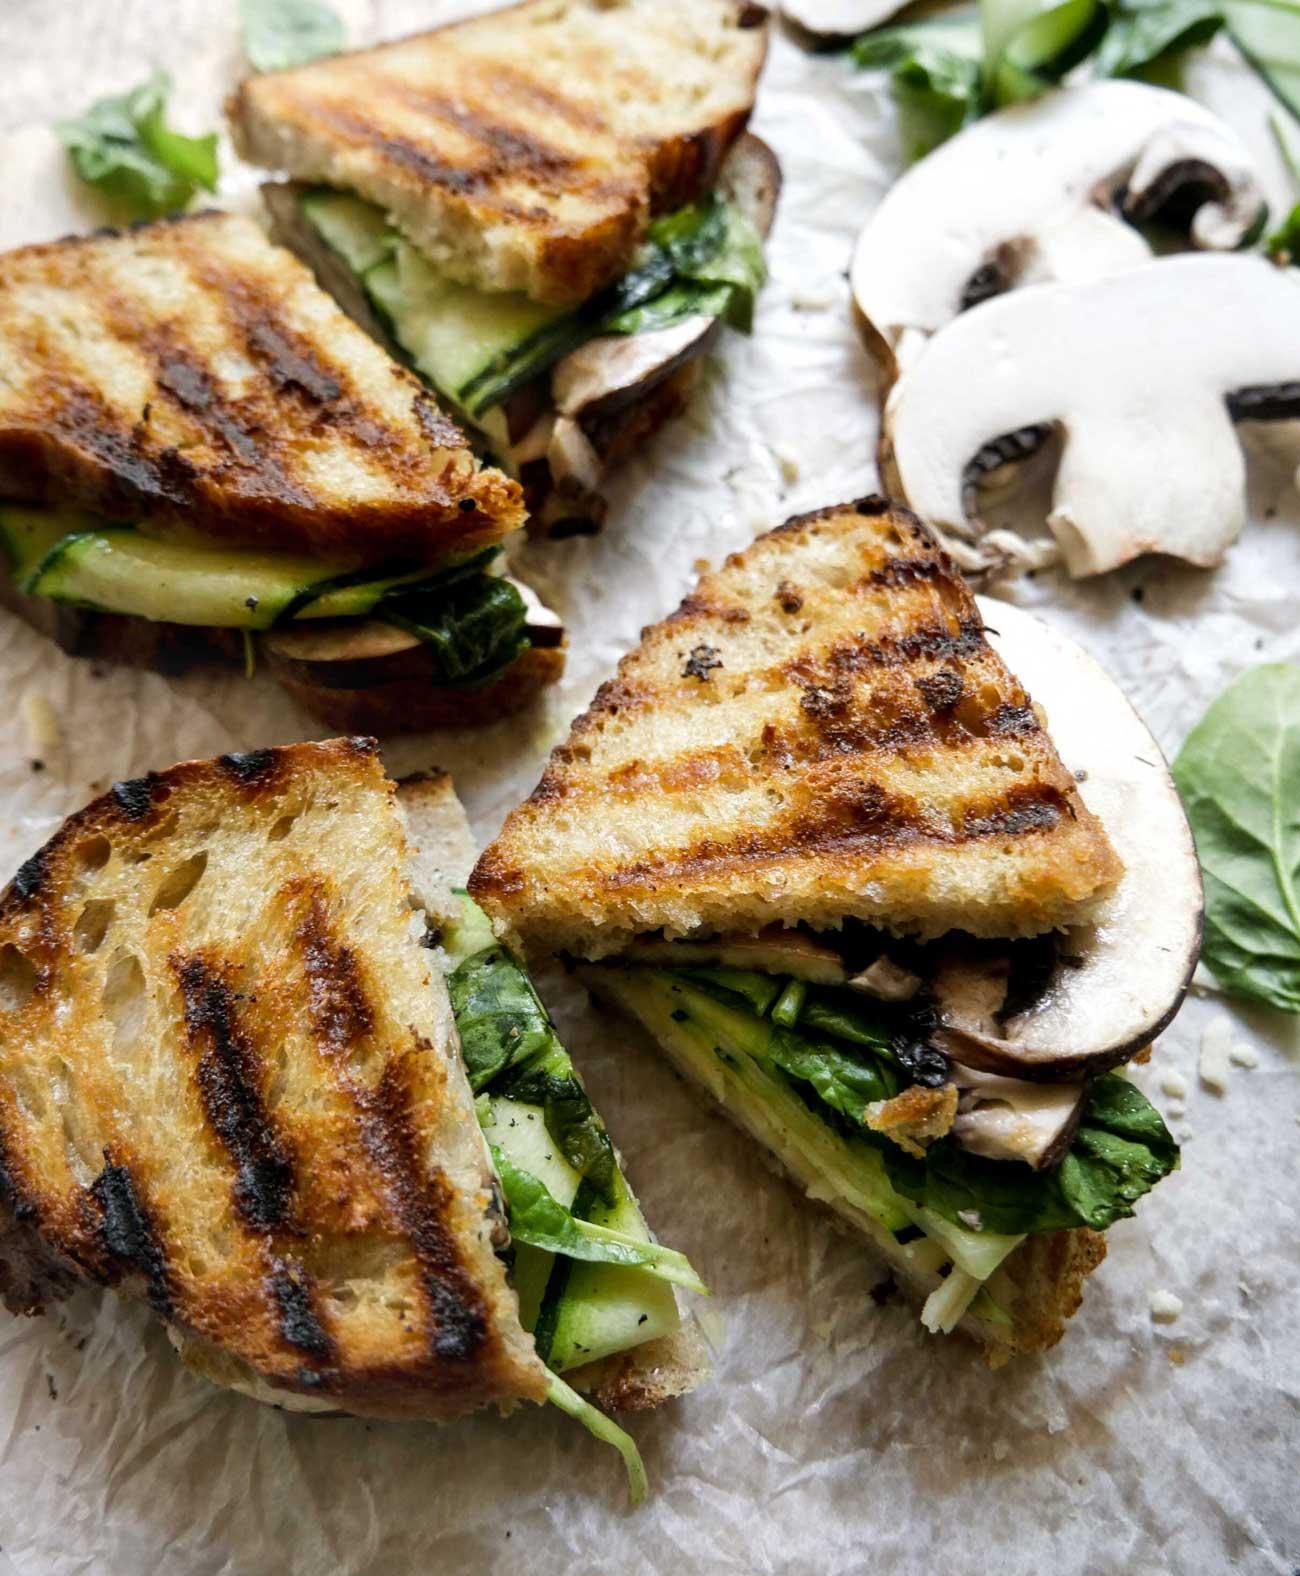 sund toast med champignon squash og spinat